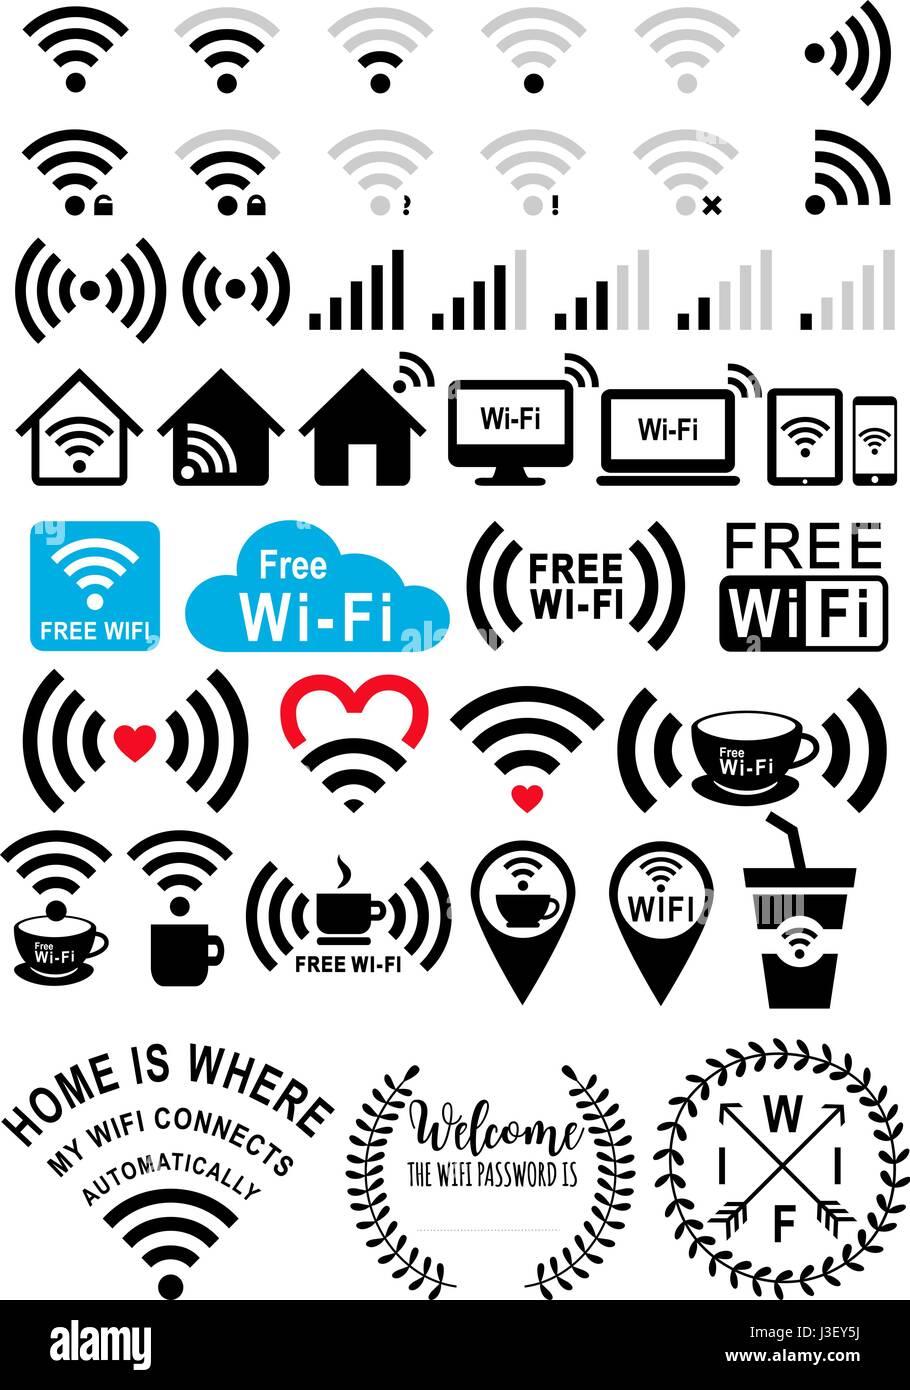 Connexion Wi-Fi au réseau local, connexion Wi-Fi gratuite, d'icônes et une zone wifi, ensemble d'éléments Photo Stock